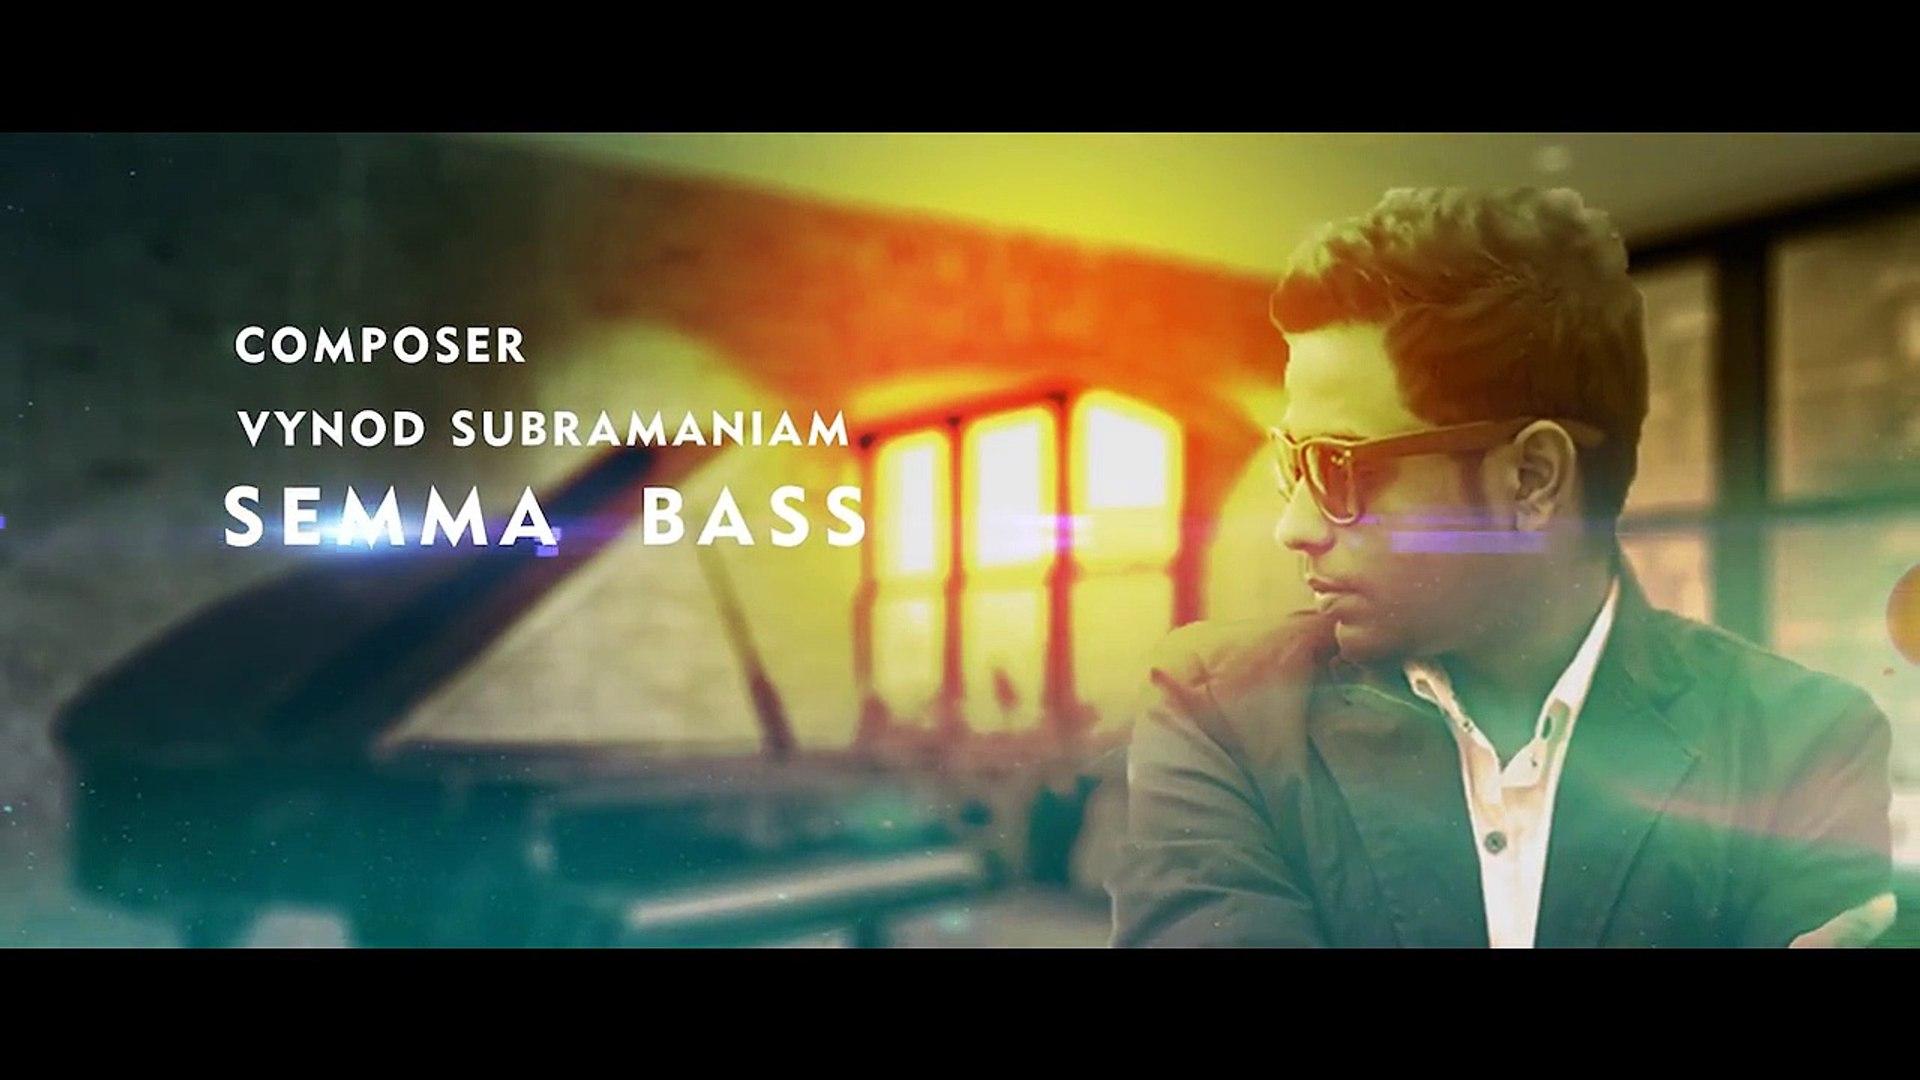 Uyire Ponalum Lyric Video¦Tamizhananen ¦ Tamizhananen Tamil Movie song¦ Tamizhananen Tamil Movie